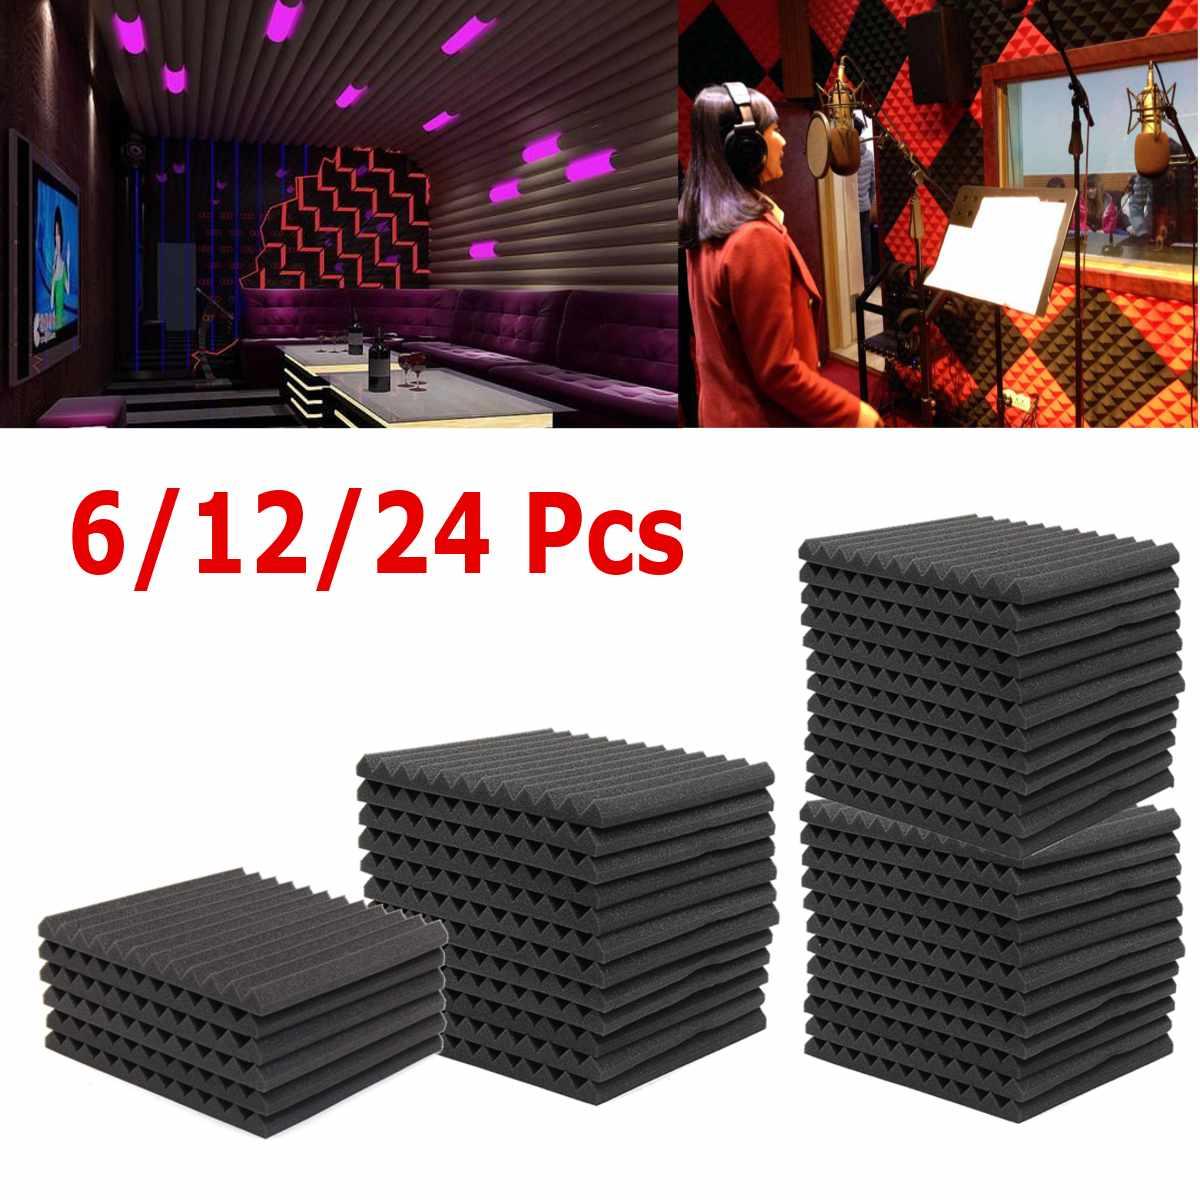 Fenster Hardware 100% QualitäT 6 Pcs/12 Pcs Schallschutz Schaum Akustische Schaum Studio Absorbieren Keil Schaum Fliesen Wand Panels Für Ktv Sound Studio 300*300*25mm